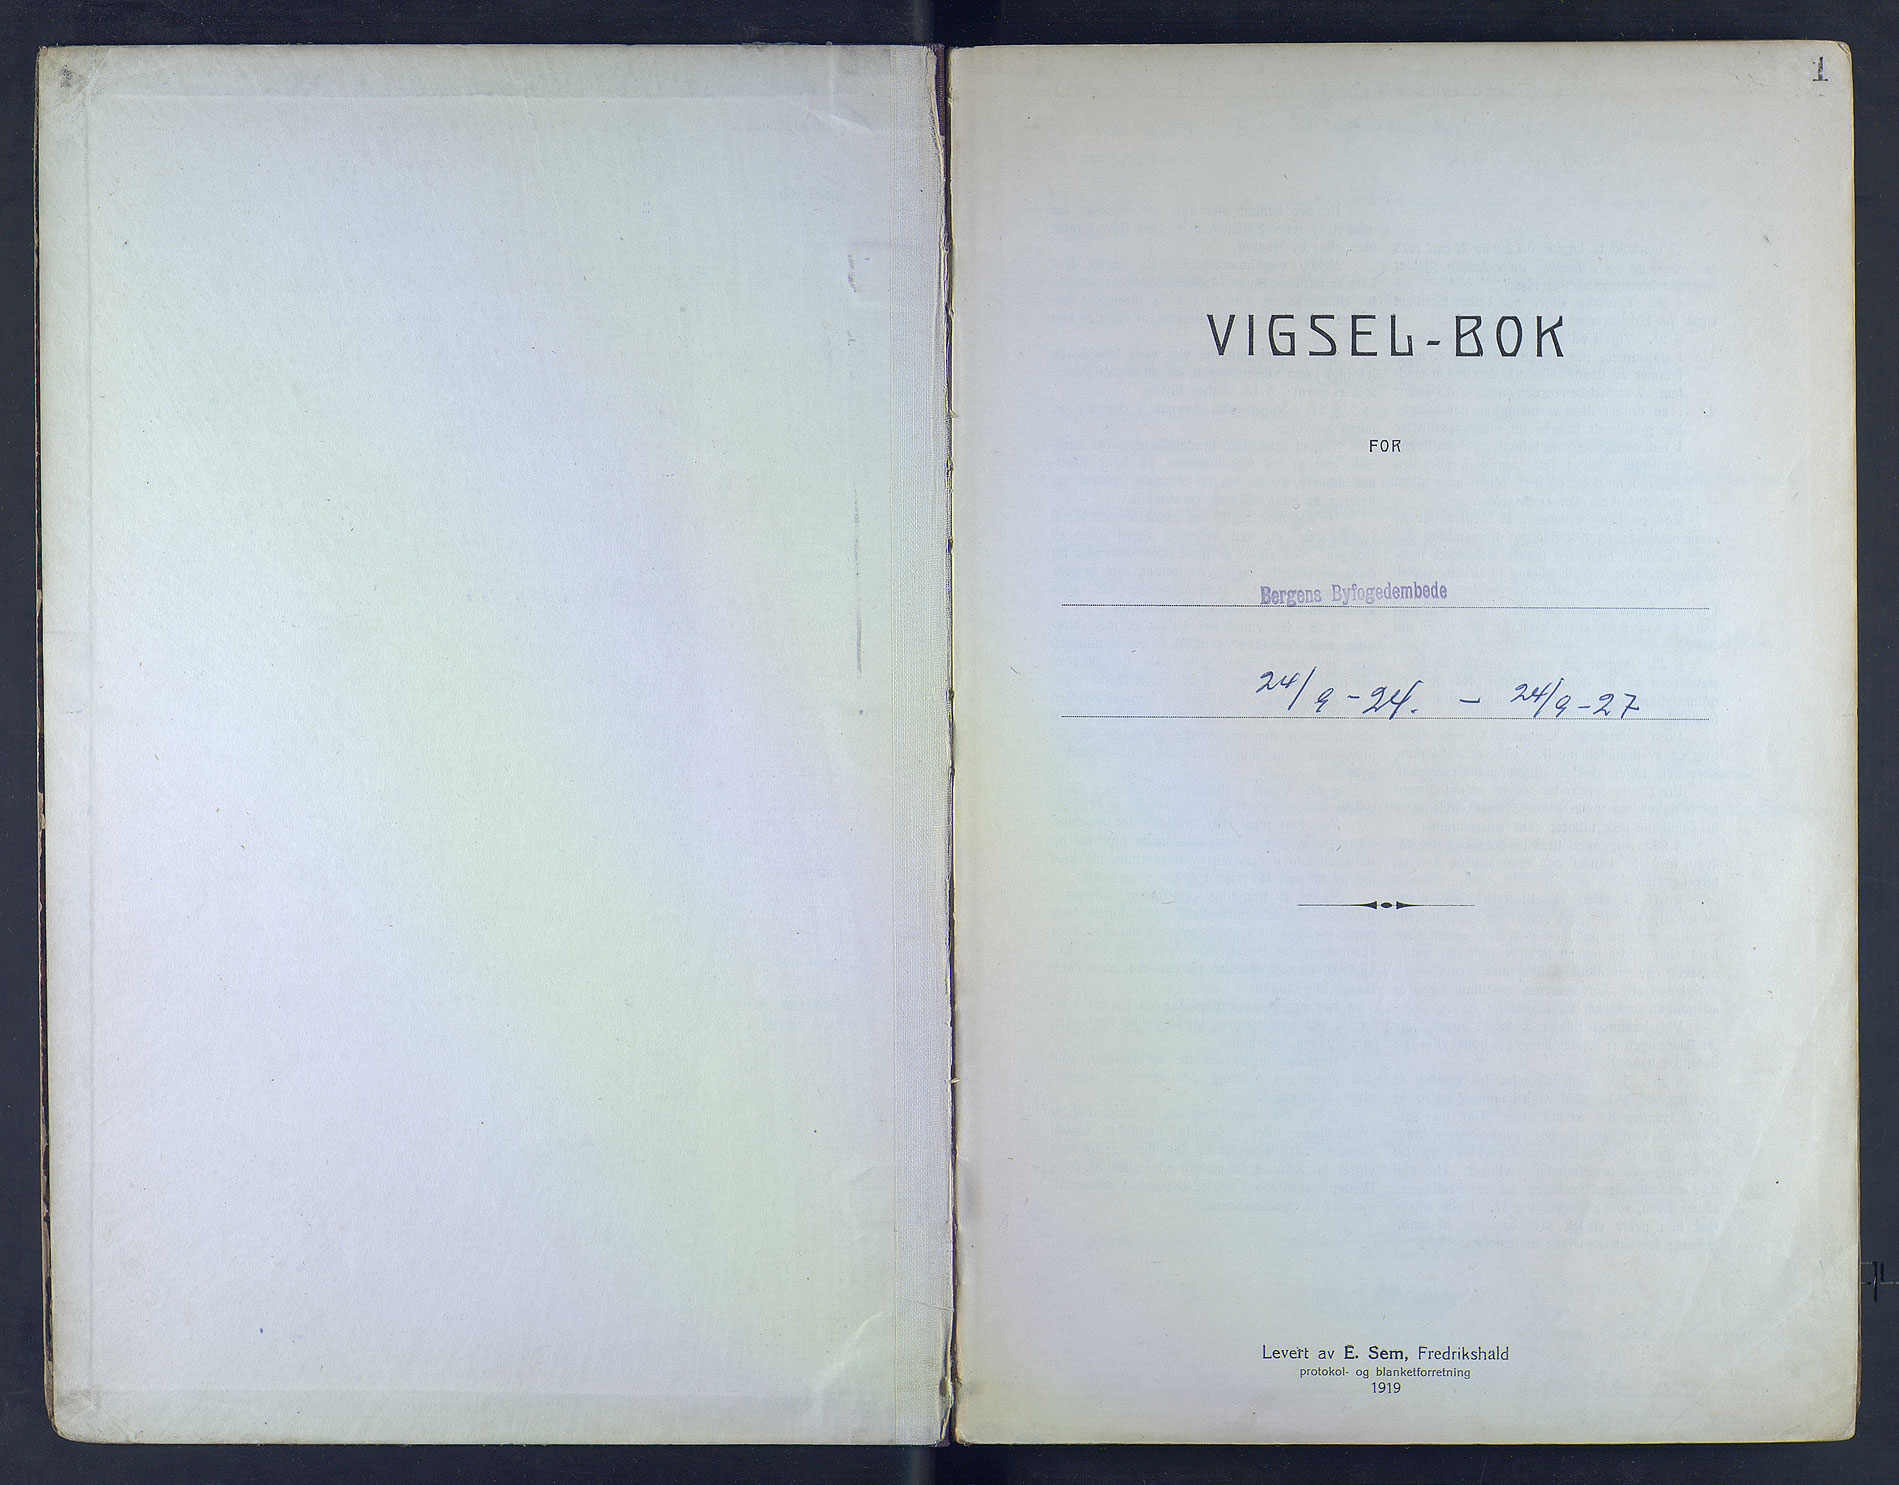 SAB, Bergen byfogd og byskriver*, 1924-1927, s. 1a